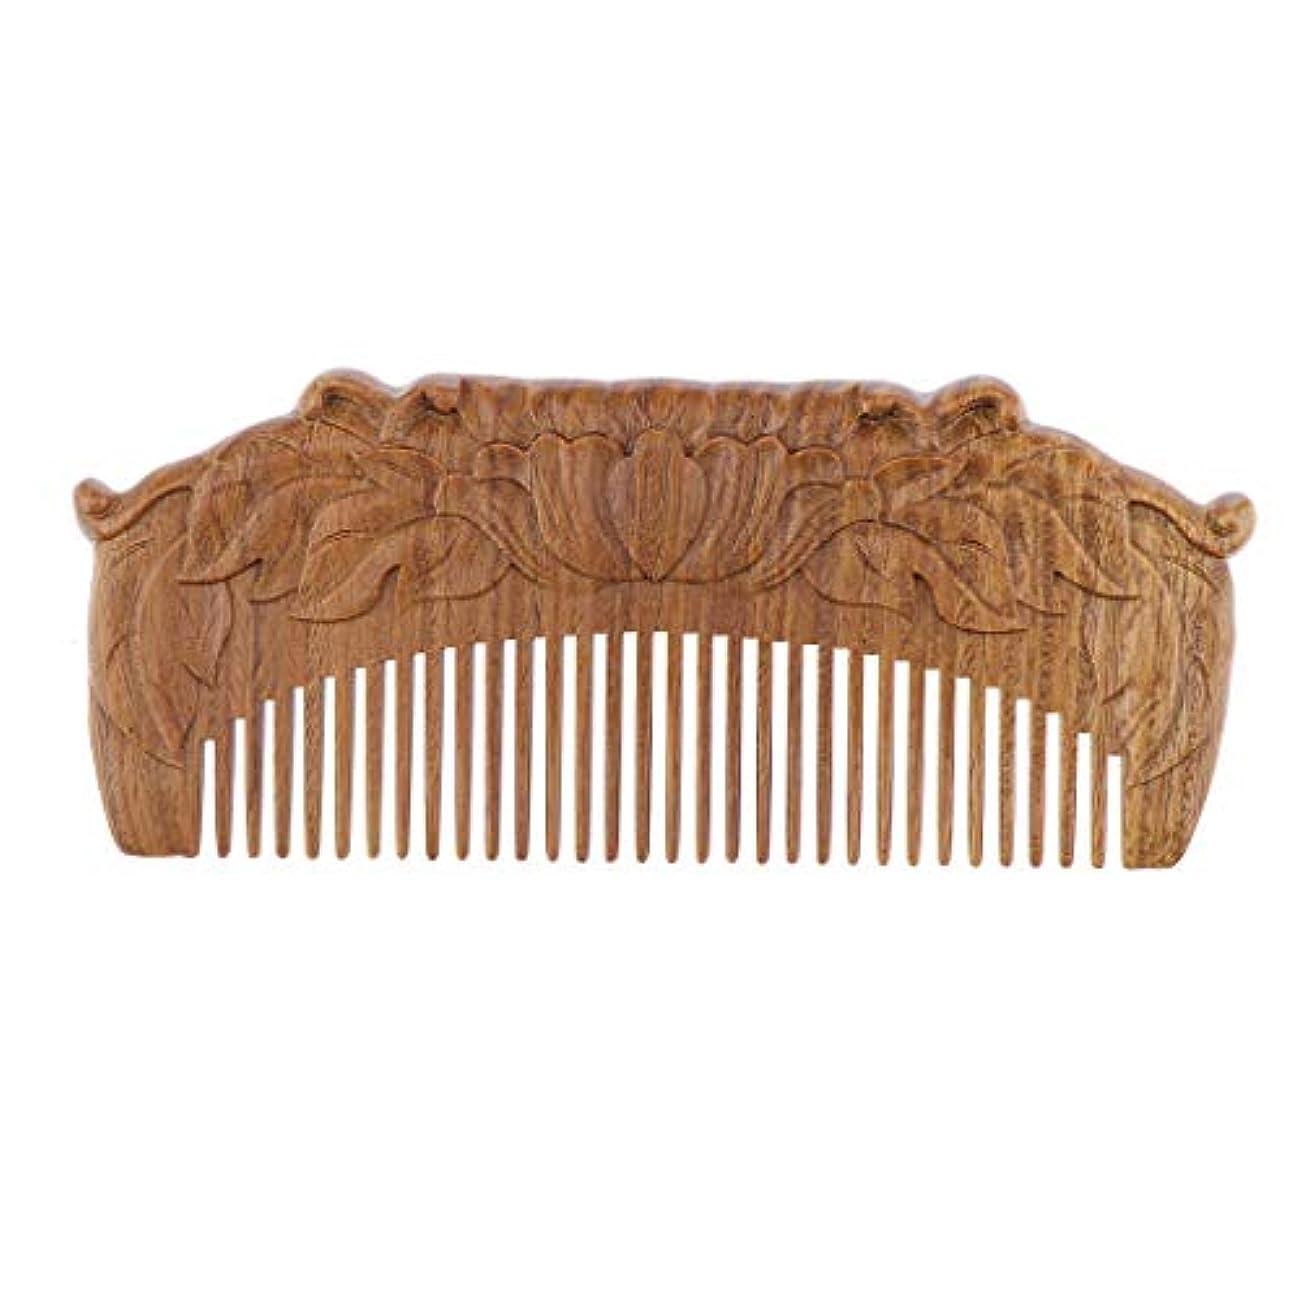 利得マークされたロードハウス木製櫛 ヘアコーム ヘアブラシ 天然木 手作り プレゼント